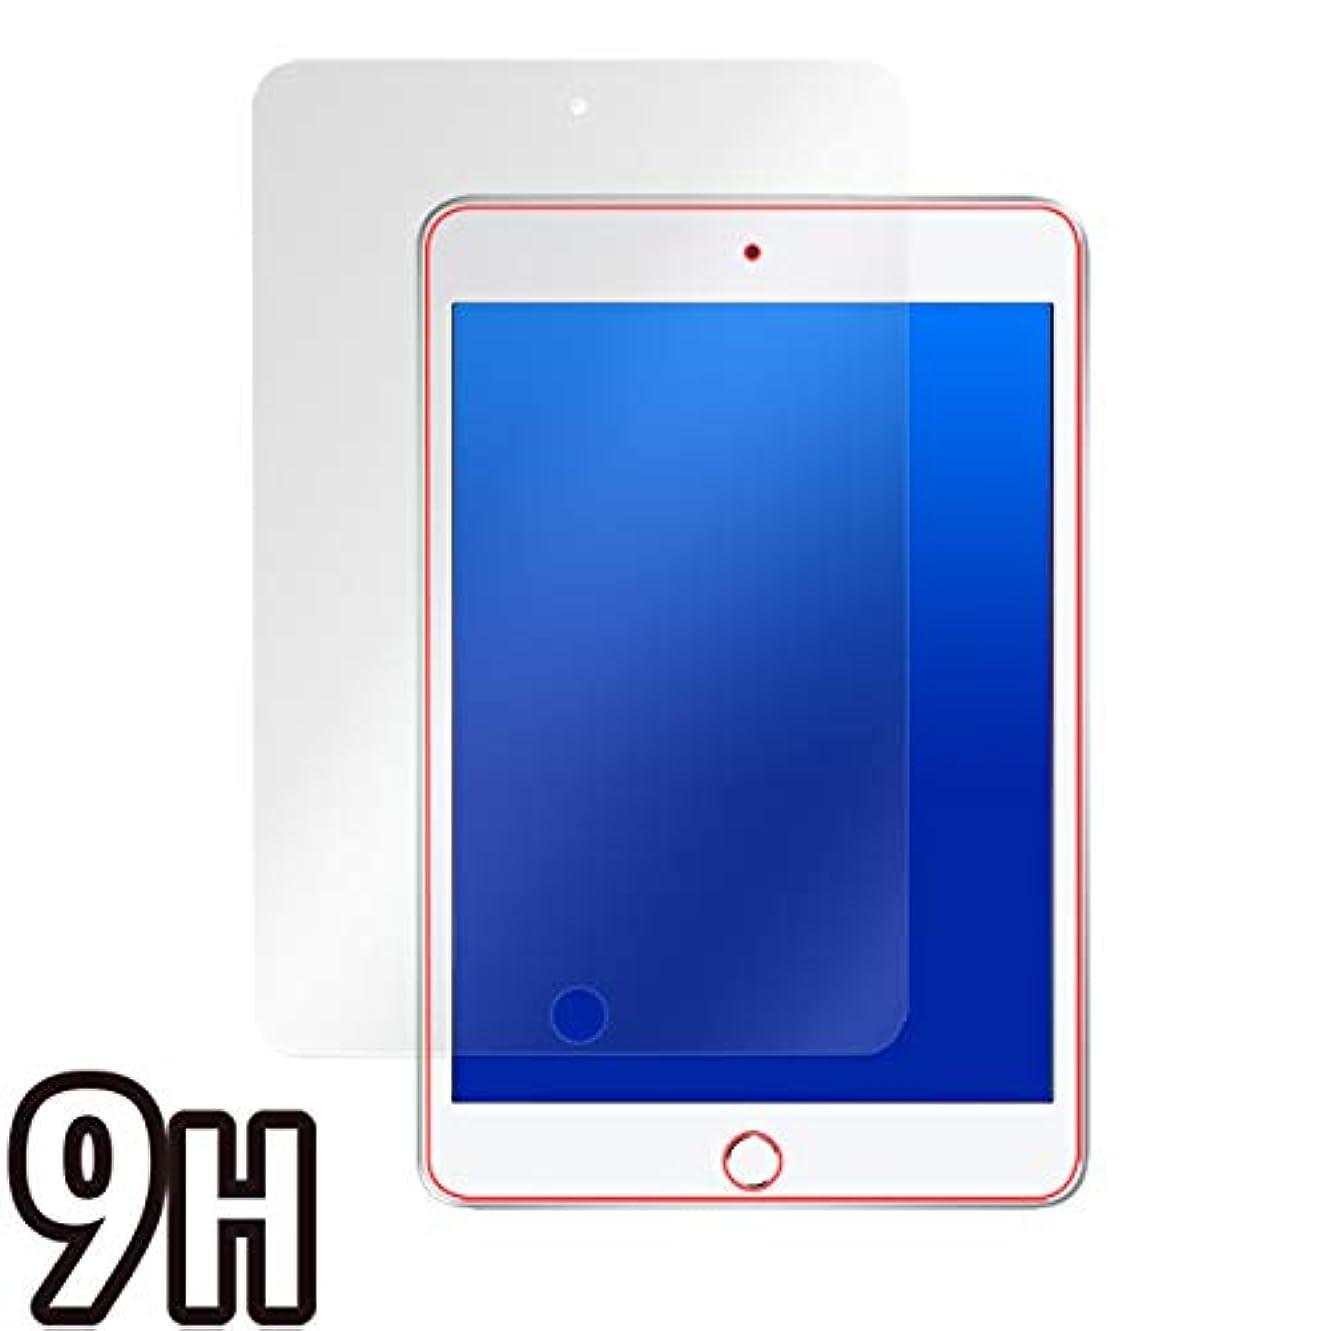 摘む麻痺させる休憩PET製フィルム 強化ガラス同等の硬度 高硬度9H素材採用 iPad Air (第3世代) / iPad Pro 10.5インチ 表面用保護シート 用 日本製 反射防止液晶保護フィルム OverLay Plus 9H O9HLIPADA3/F/2